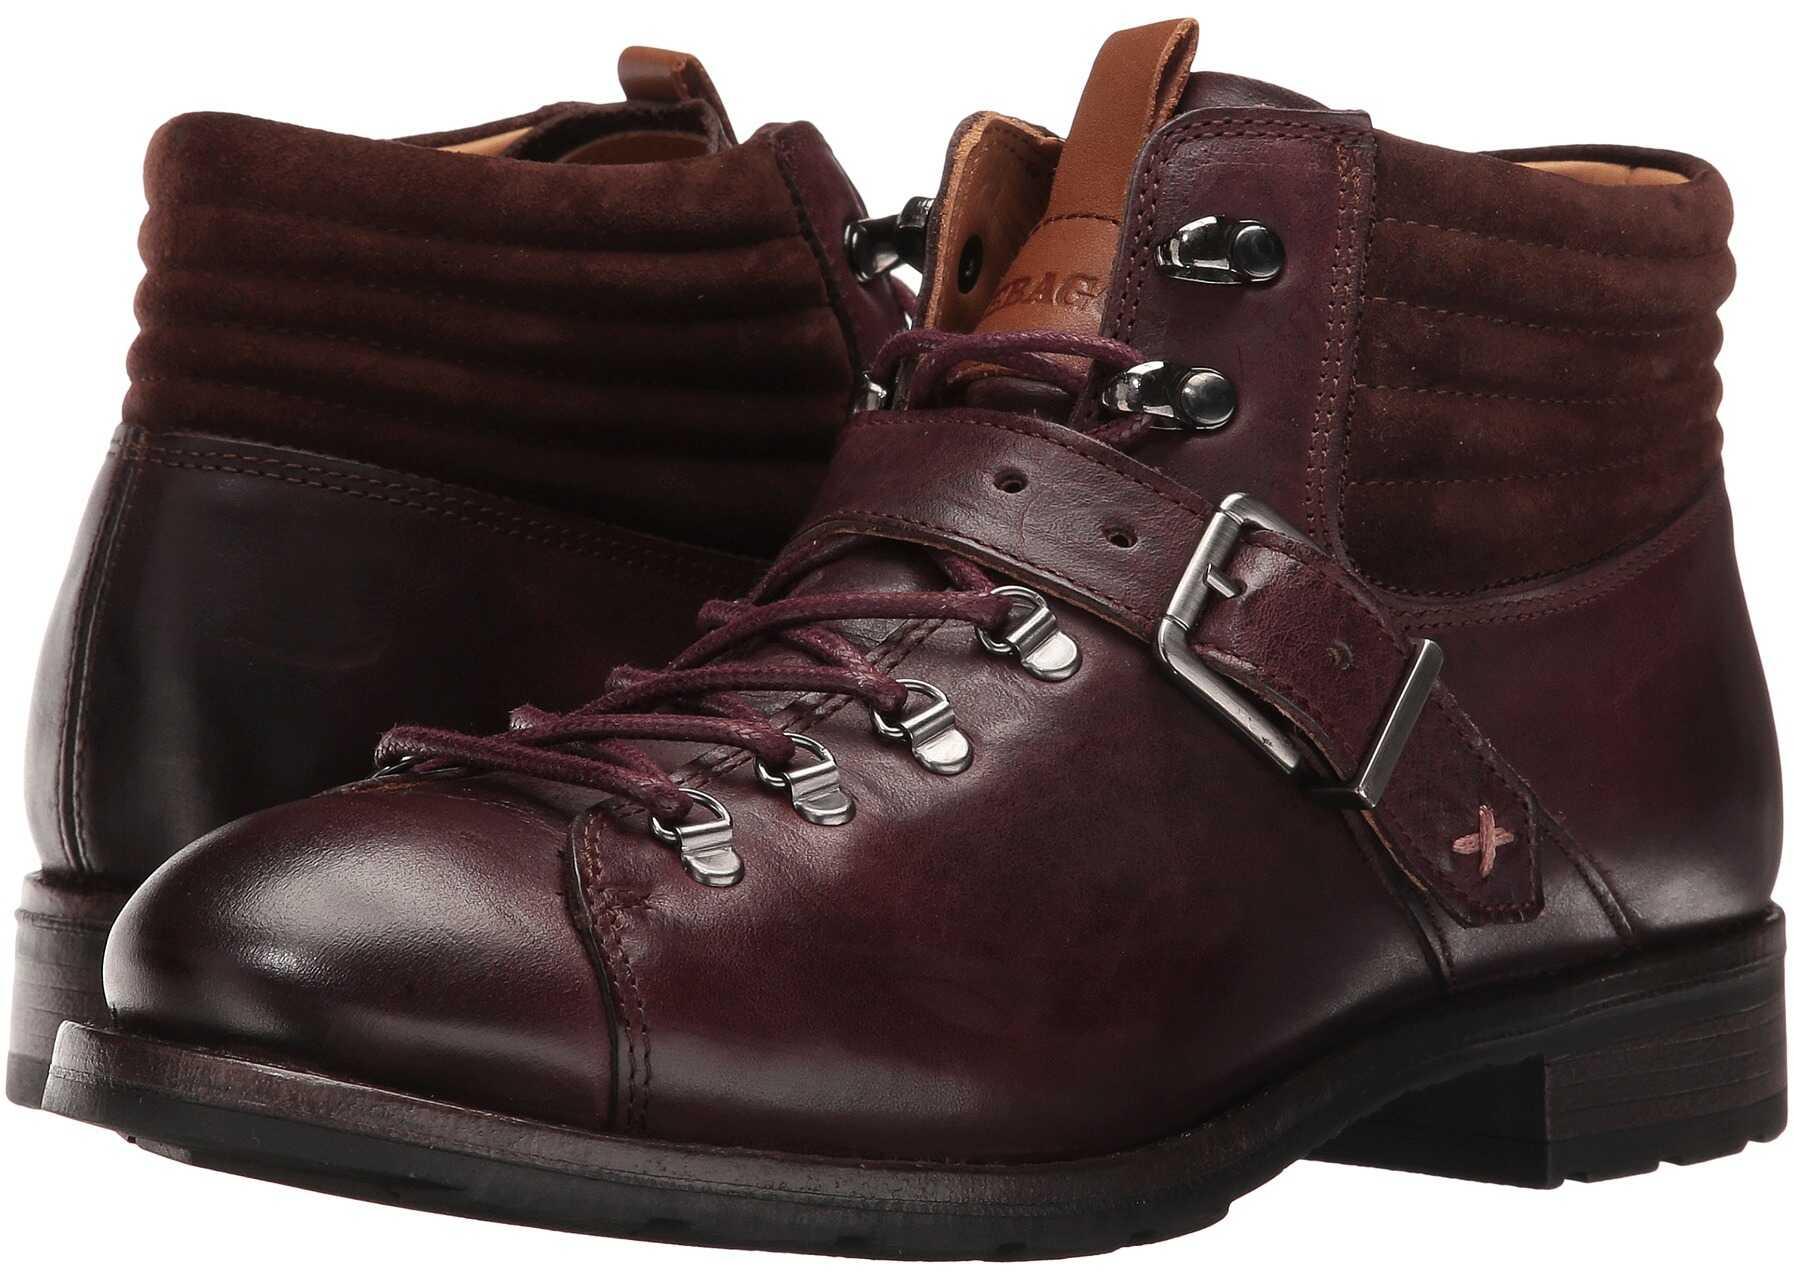 Sebago Laney Hiker Burgundy Leather